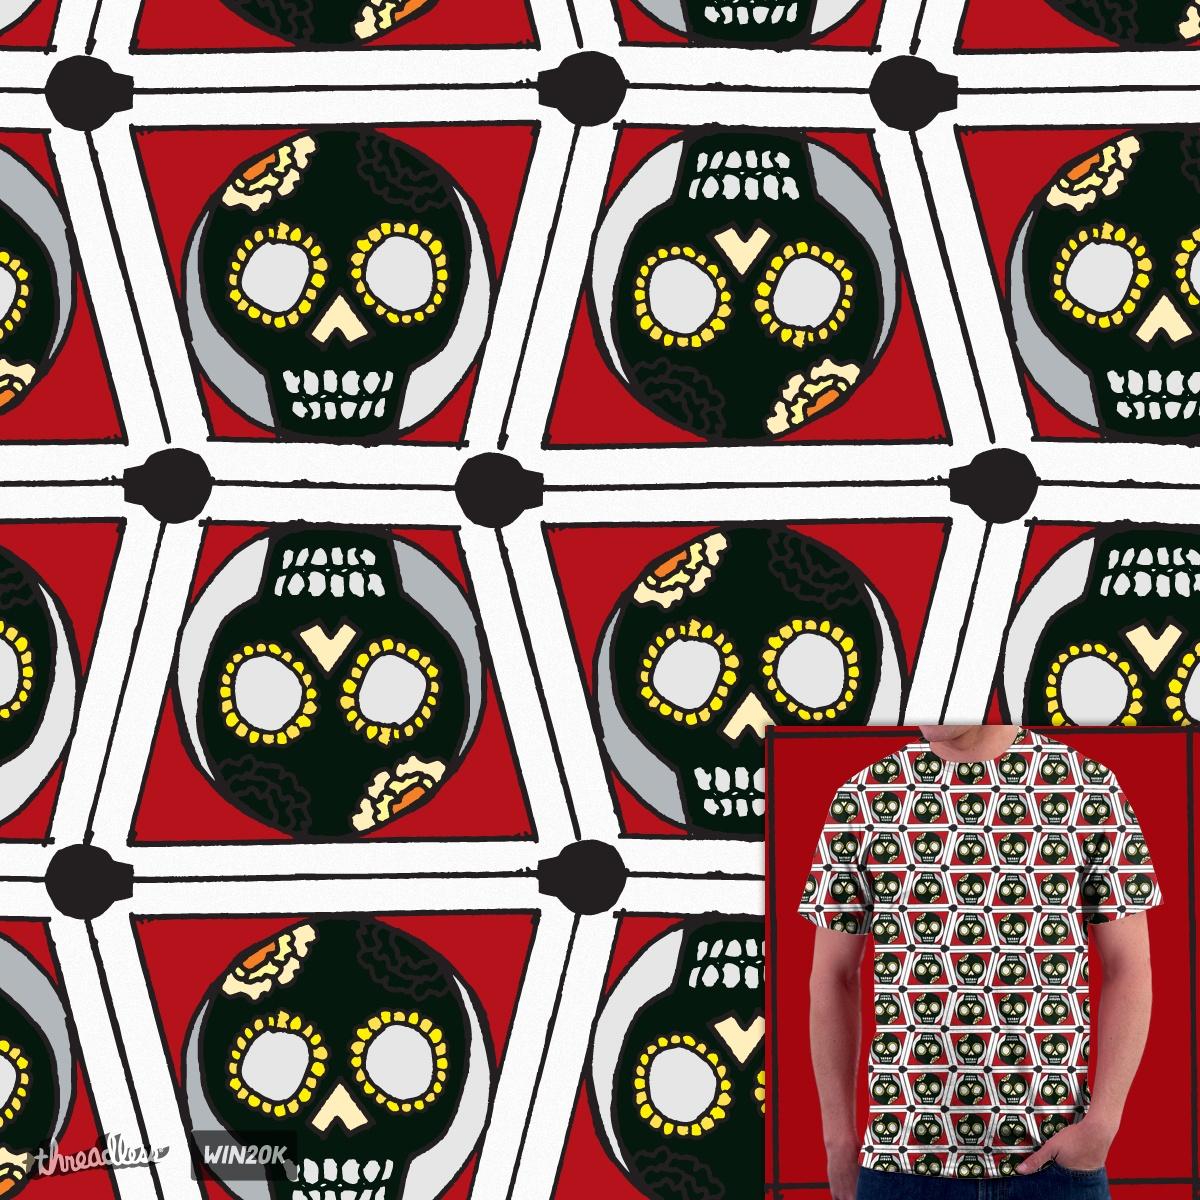 Skull Tee Pattern by mtessh on Threadless